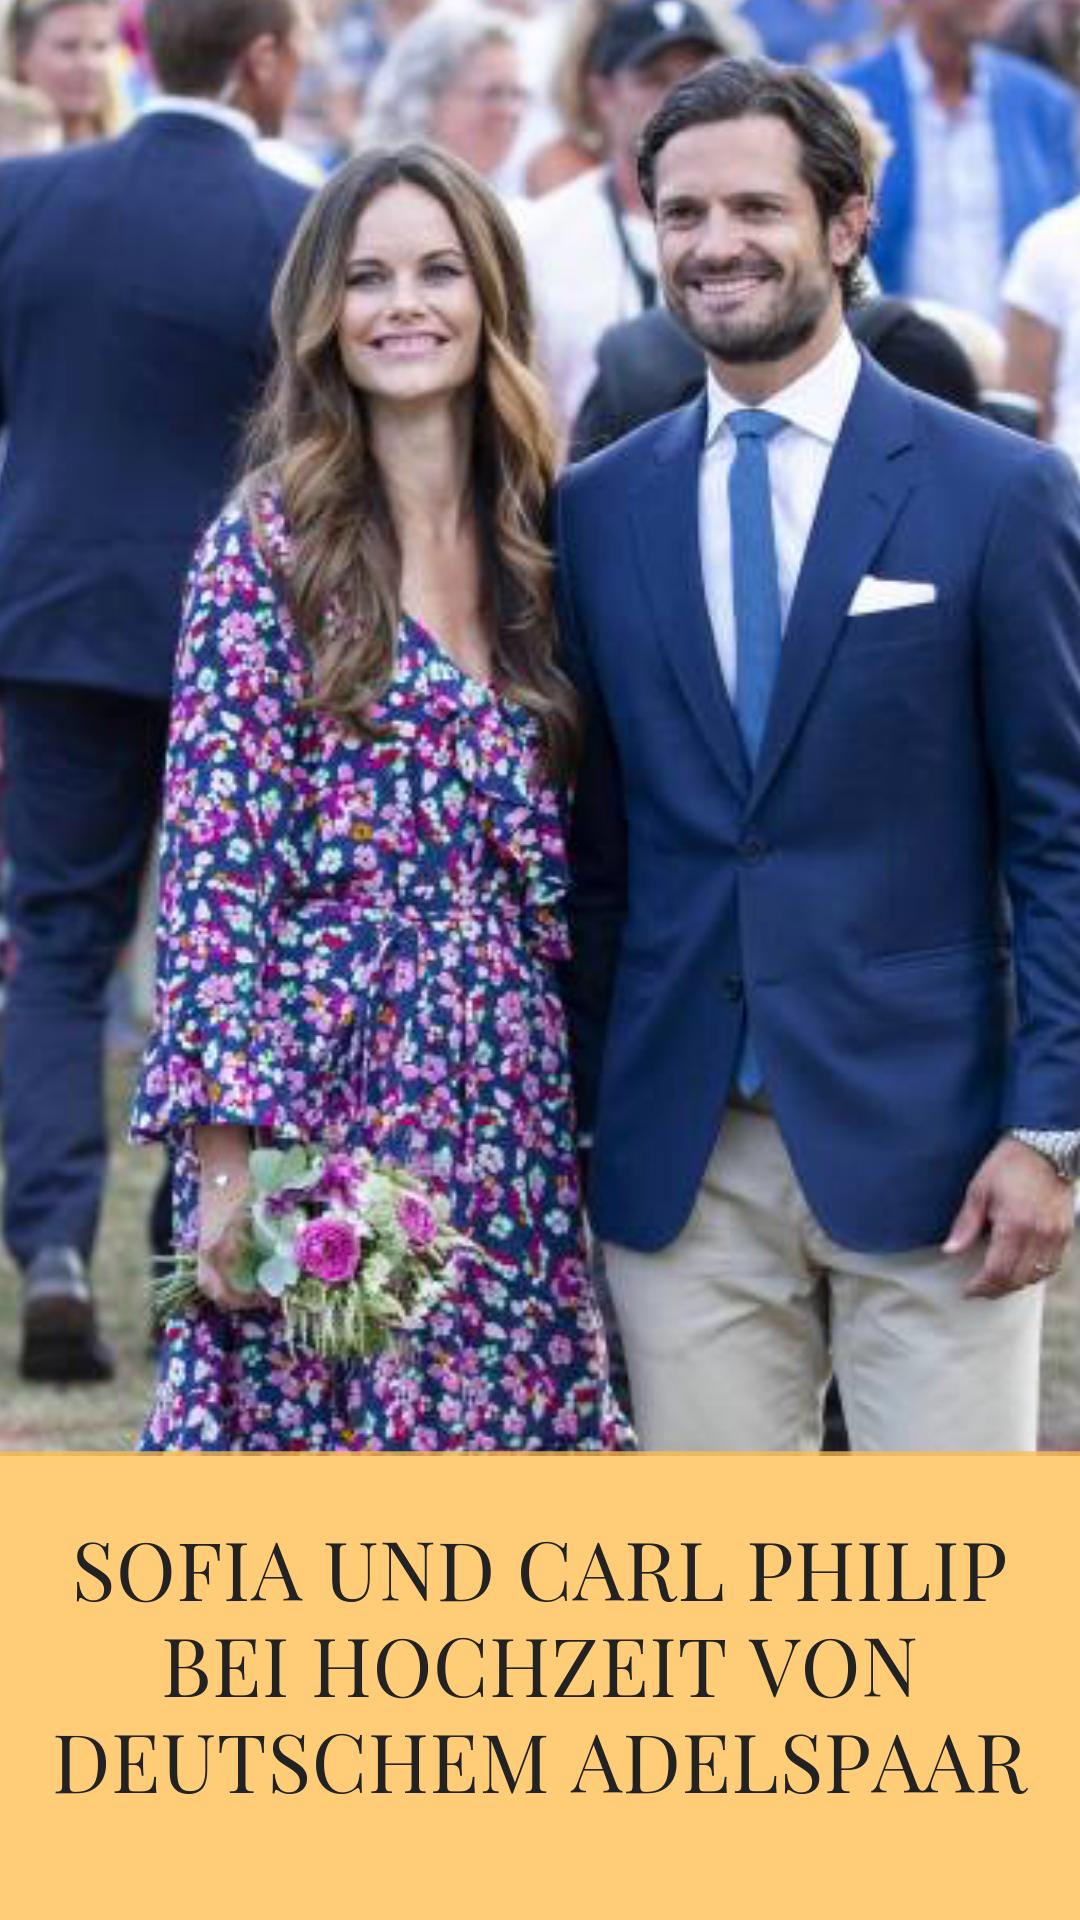 Grosse Uberraschung Bei Der Hochzeit Von Prinz Konstantin Von Bayern Und Seiner Deniz Auch Prinzessin Sofia Und Prinz Prinzessin Sofia Prinz Carl Philip Sofia